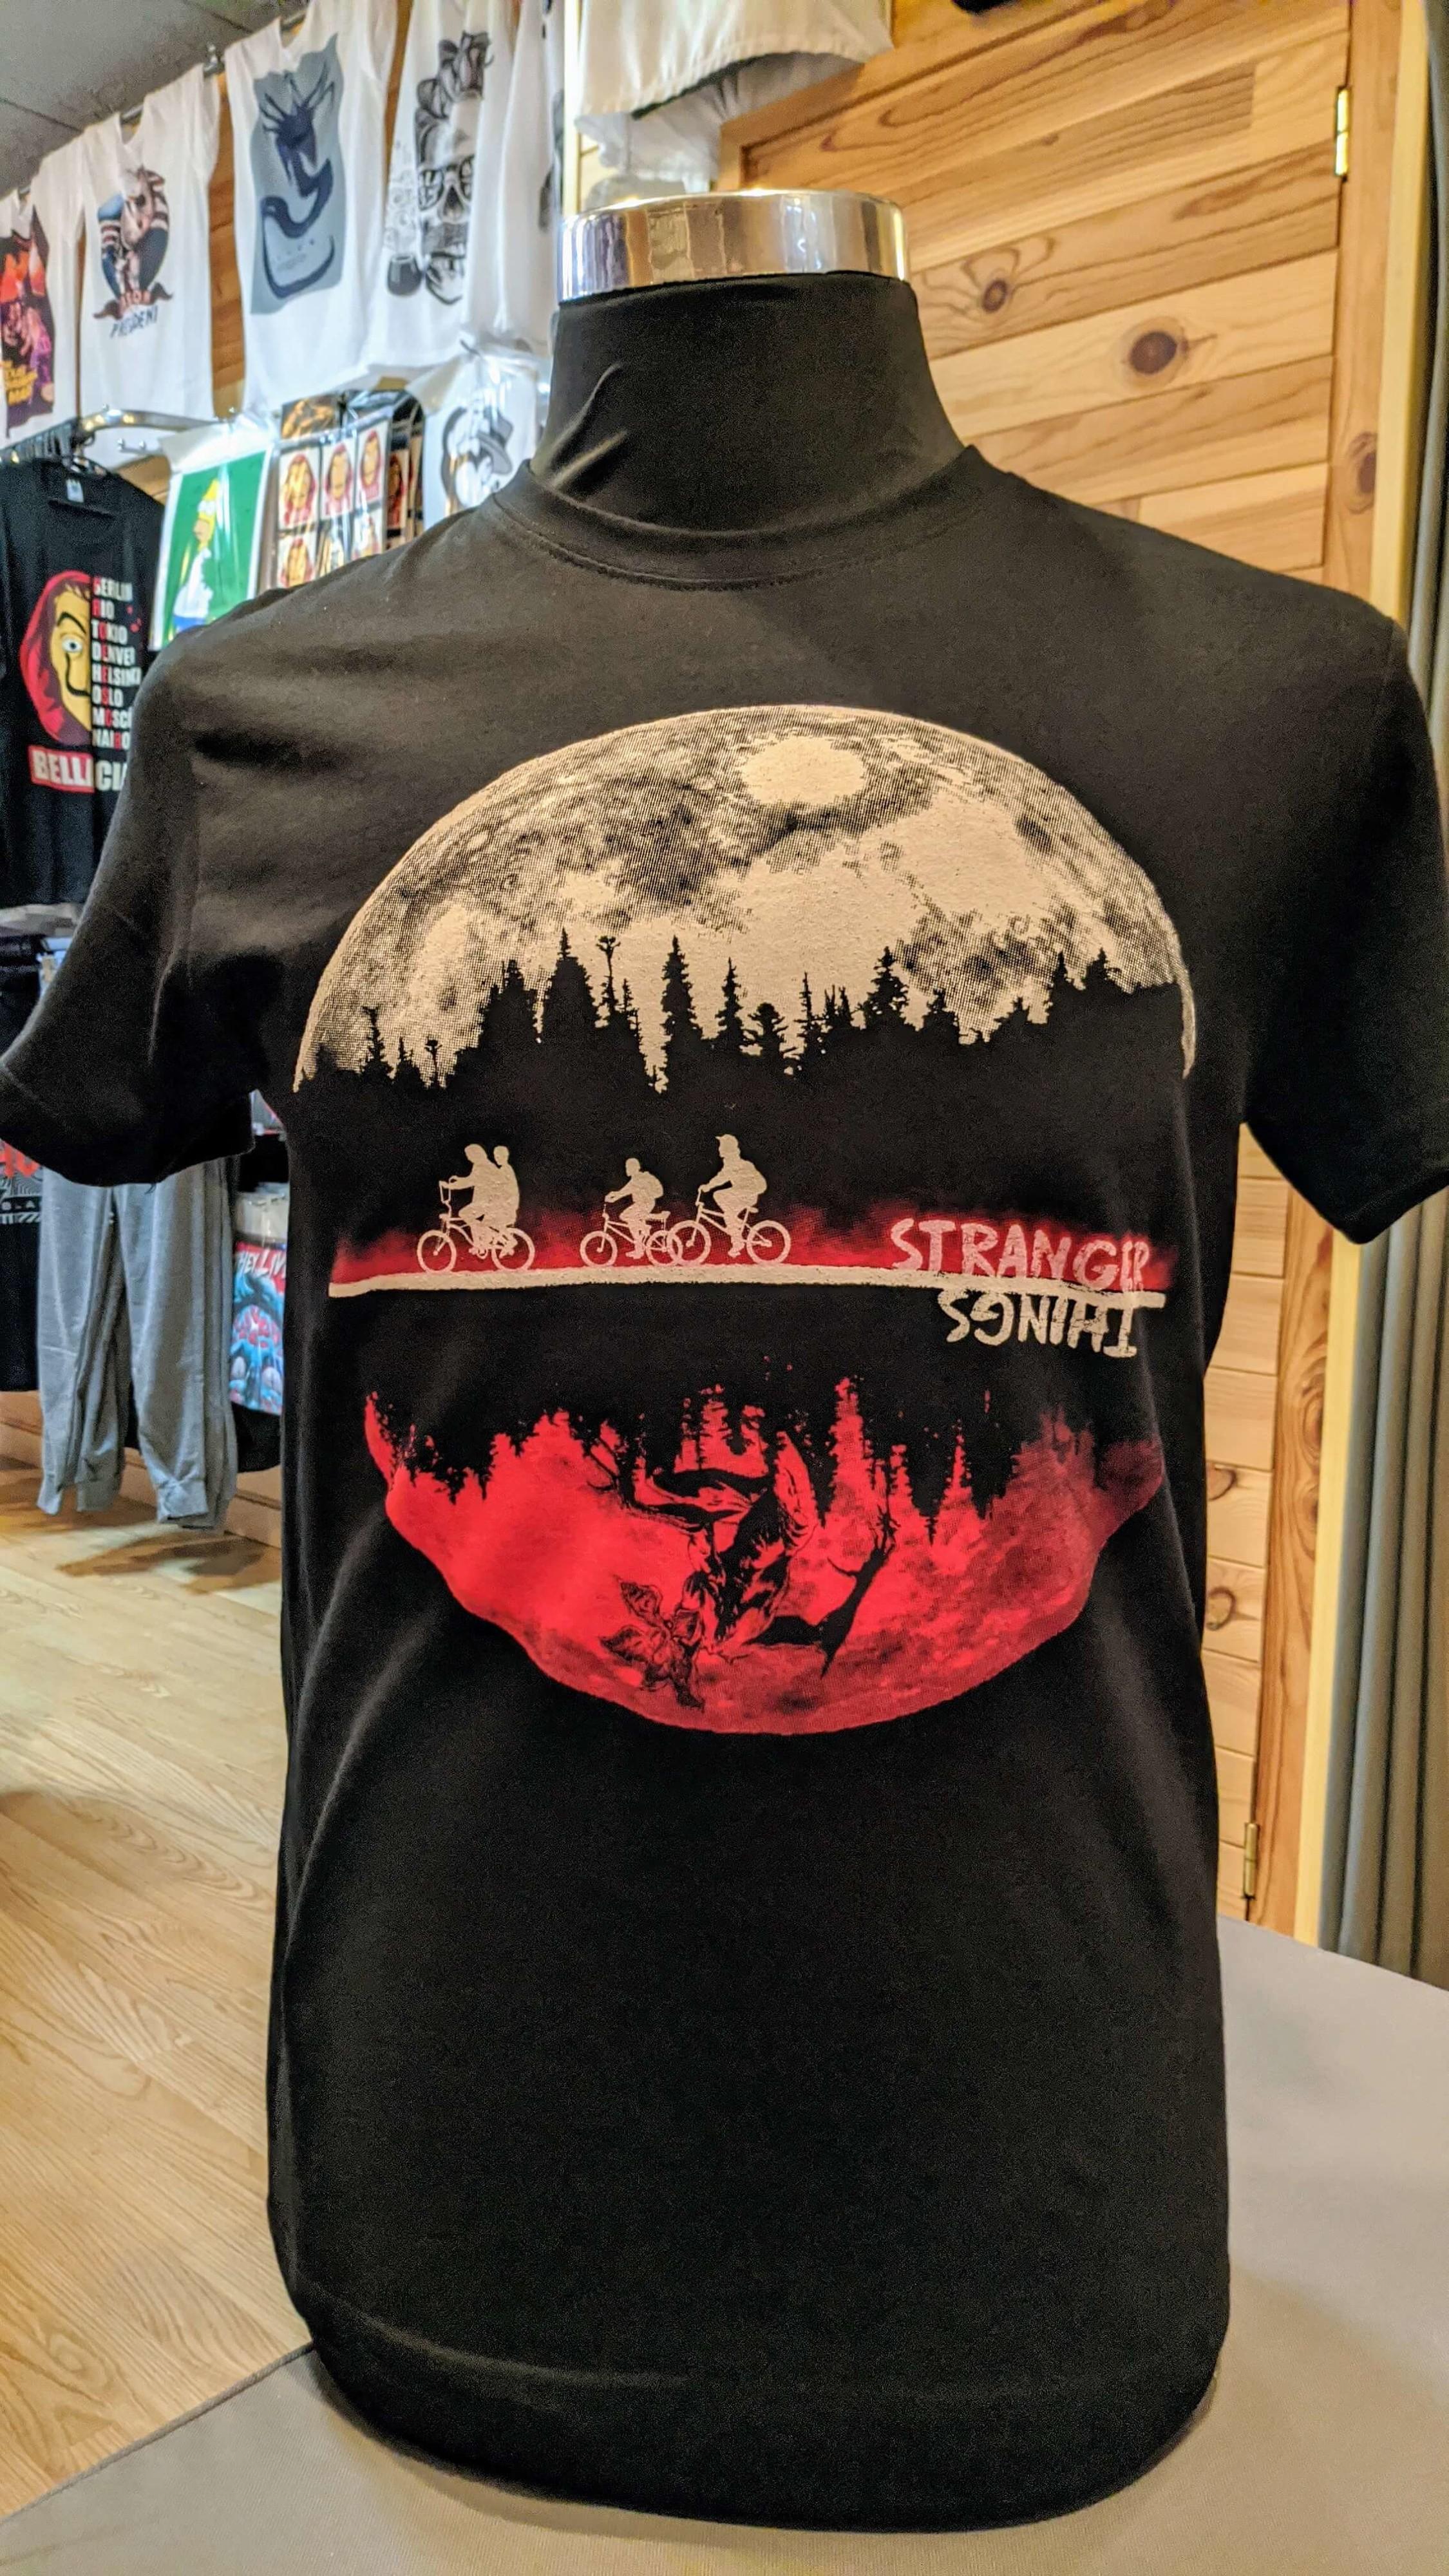 Camiseta Stranger Things Ni/ña Camiseta Stranger Things Ni/ños Unisex Mujer Impresi/ón T-Shirt Manga Abecedario Stranger Things Impresi/ón Regalo Camisa Verano Camisetas y Tops